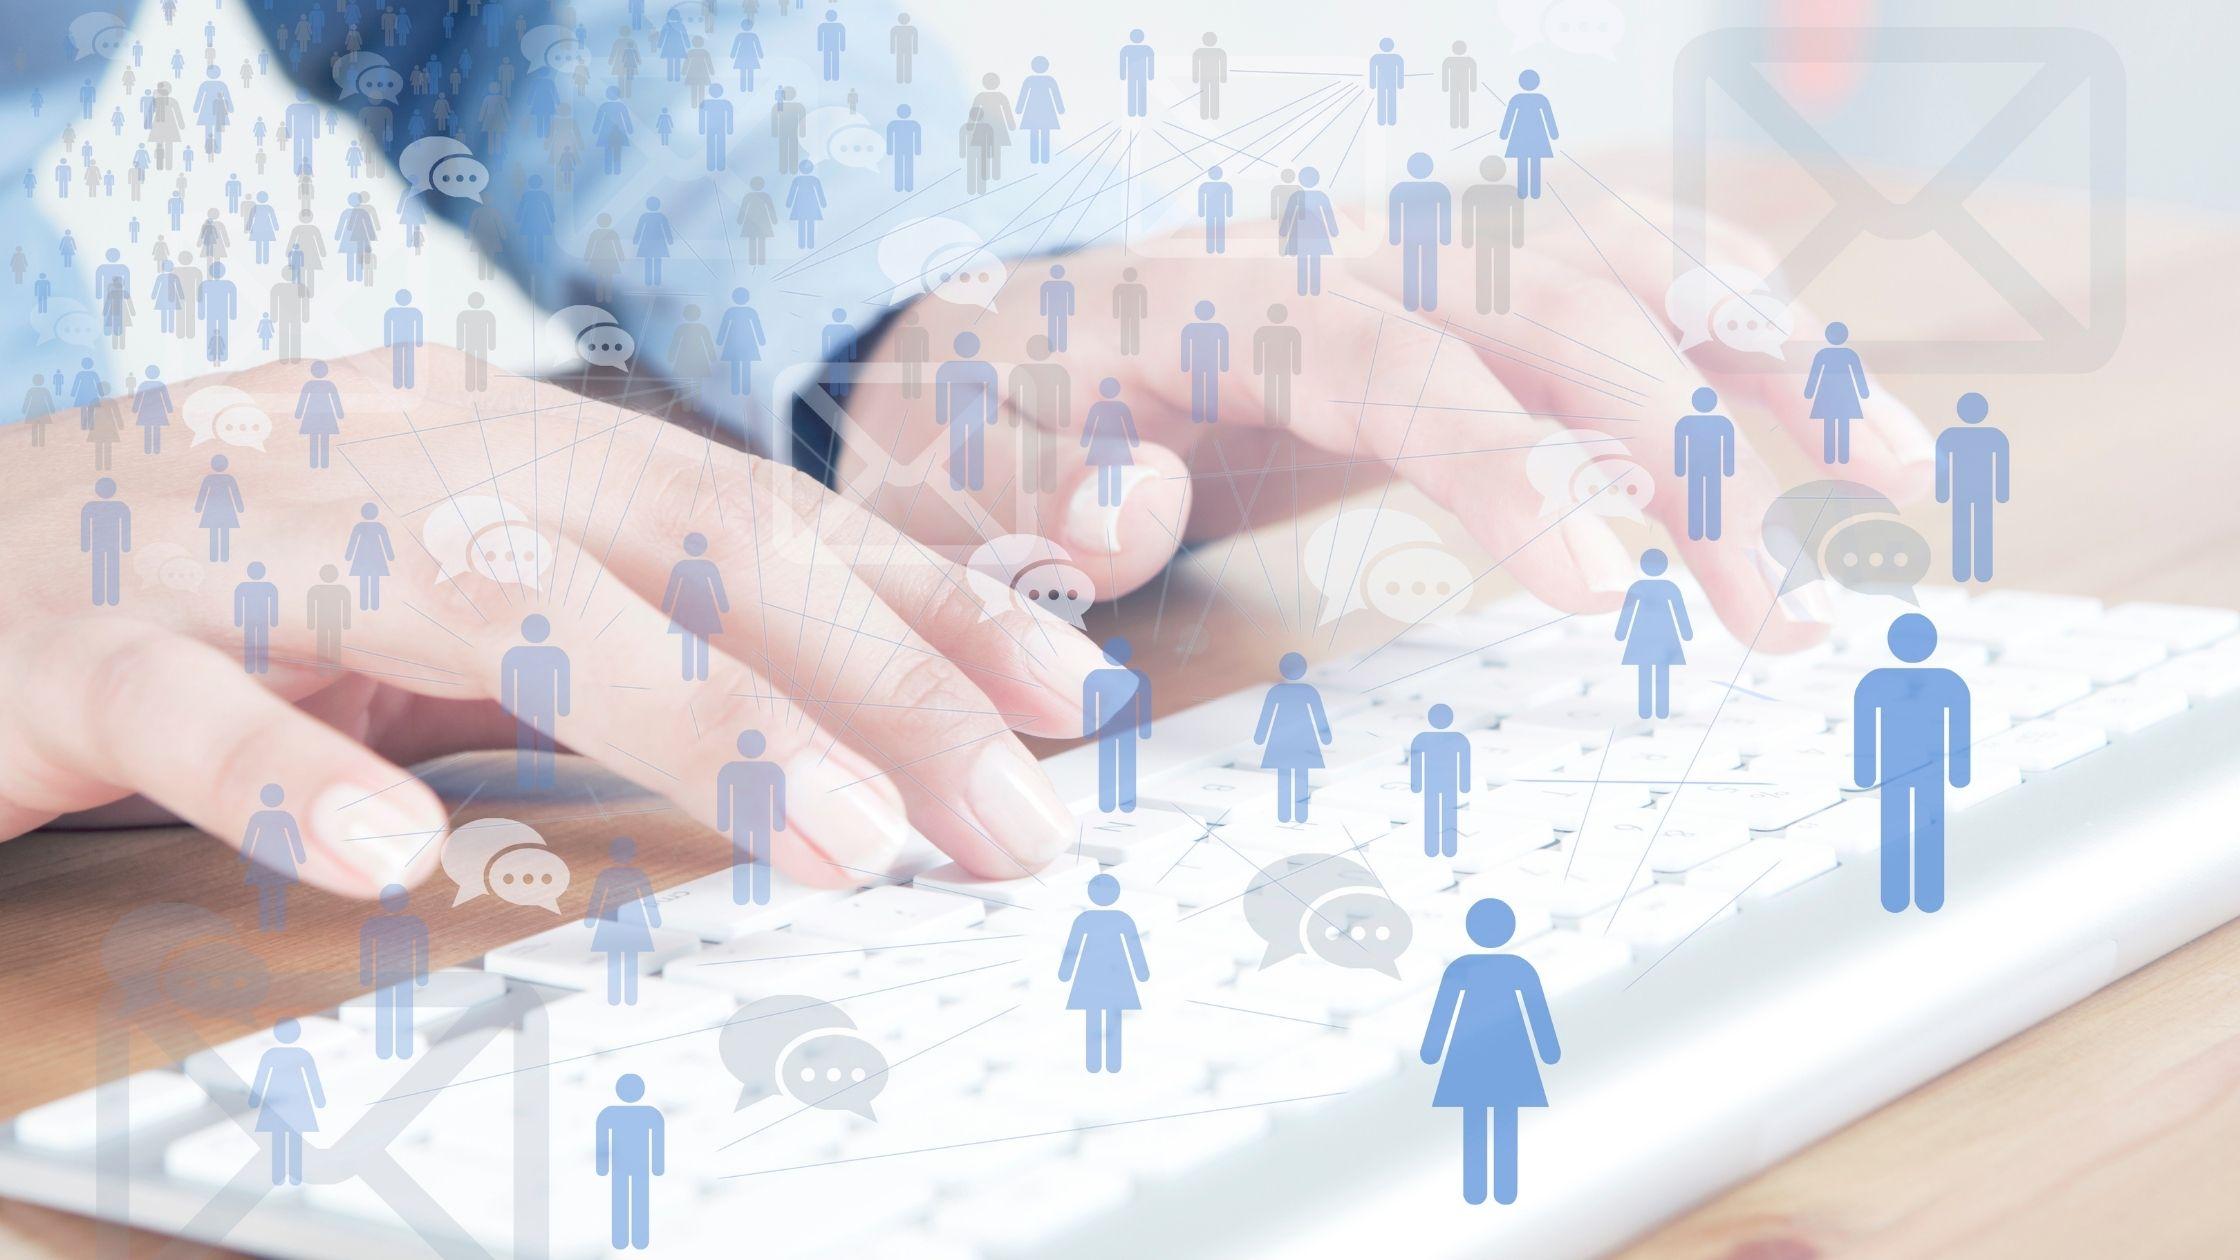 Comment faire des annonces sur Facebook L'image montre les mains d'une femme sur un clavier d'ordinateur et un graphique superposé d'un dessin bleu ressemblant à un humain connecté avec des lignes et une icône de chat montrant un réseau humain sortant dans les airs.